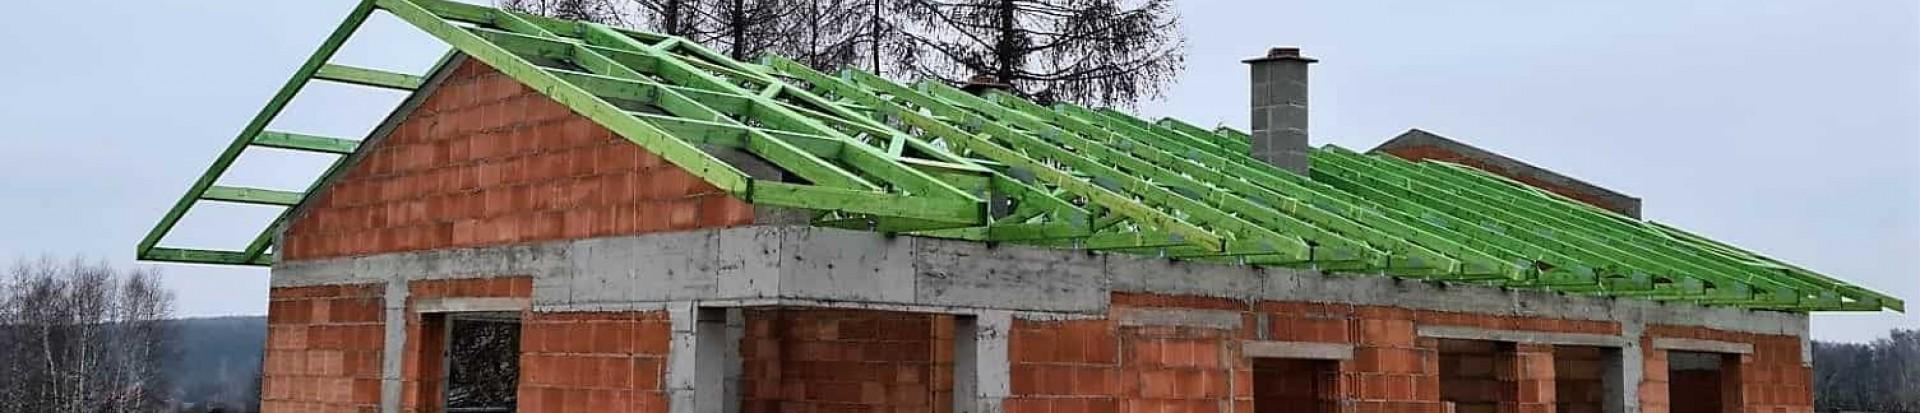 Realizacja prefabrykowanej konstrukcji dachu domu  przy ul. Okólnej w Łodzi